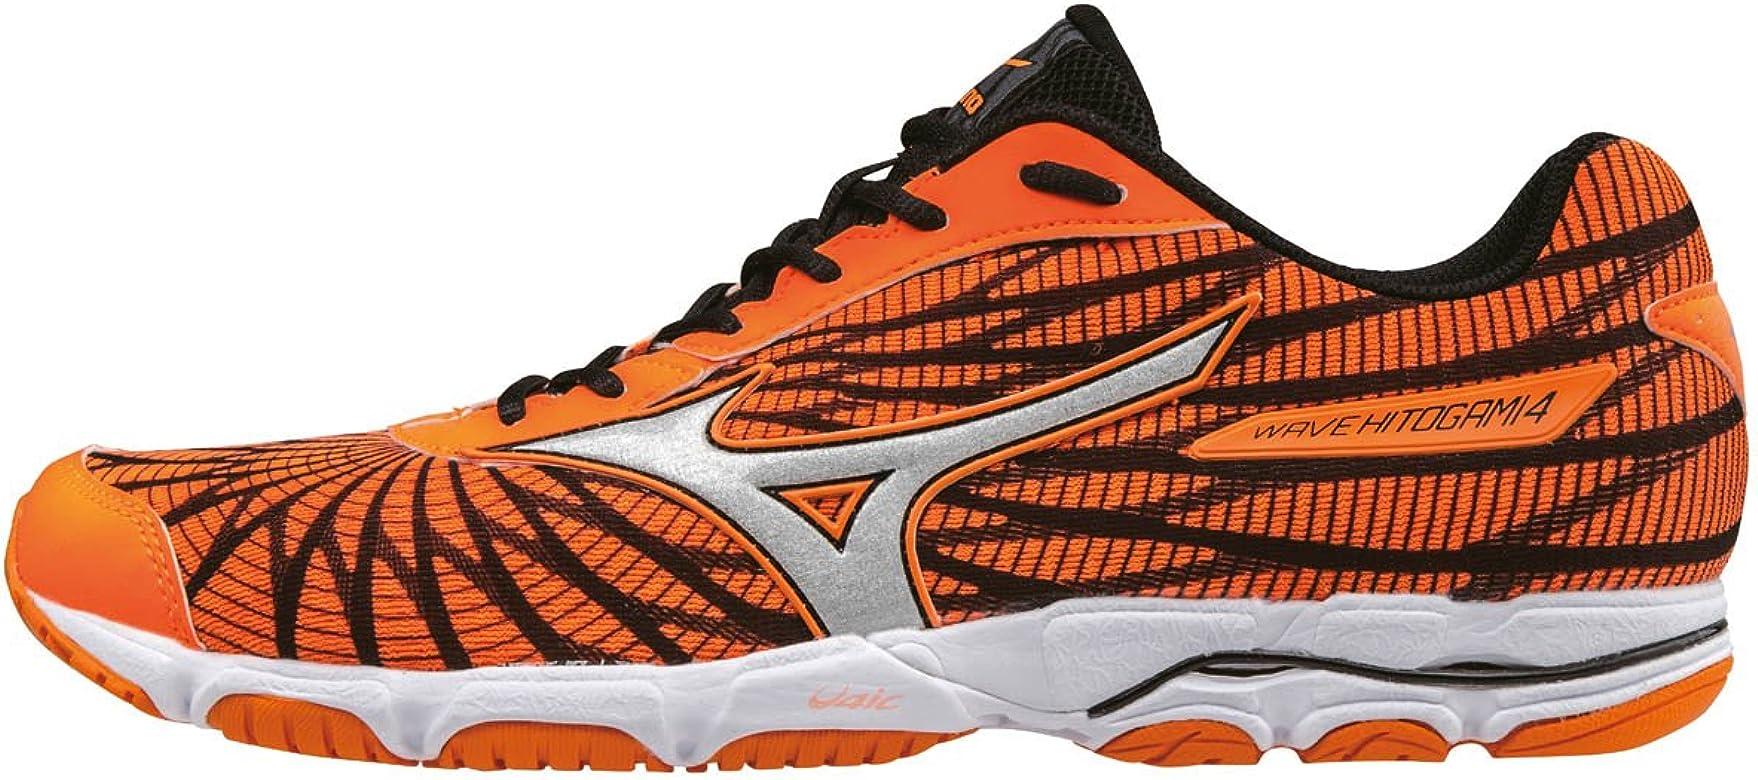 Mizuno Wave Hitogami 4, Zapatillas de Running para Hombre, Naranja (Clownfish/Silver/Black), 39 EU: Amazon.es: Zapatos y complementos